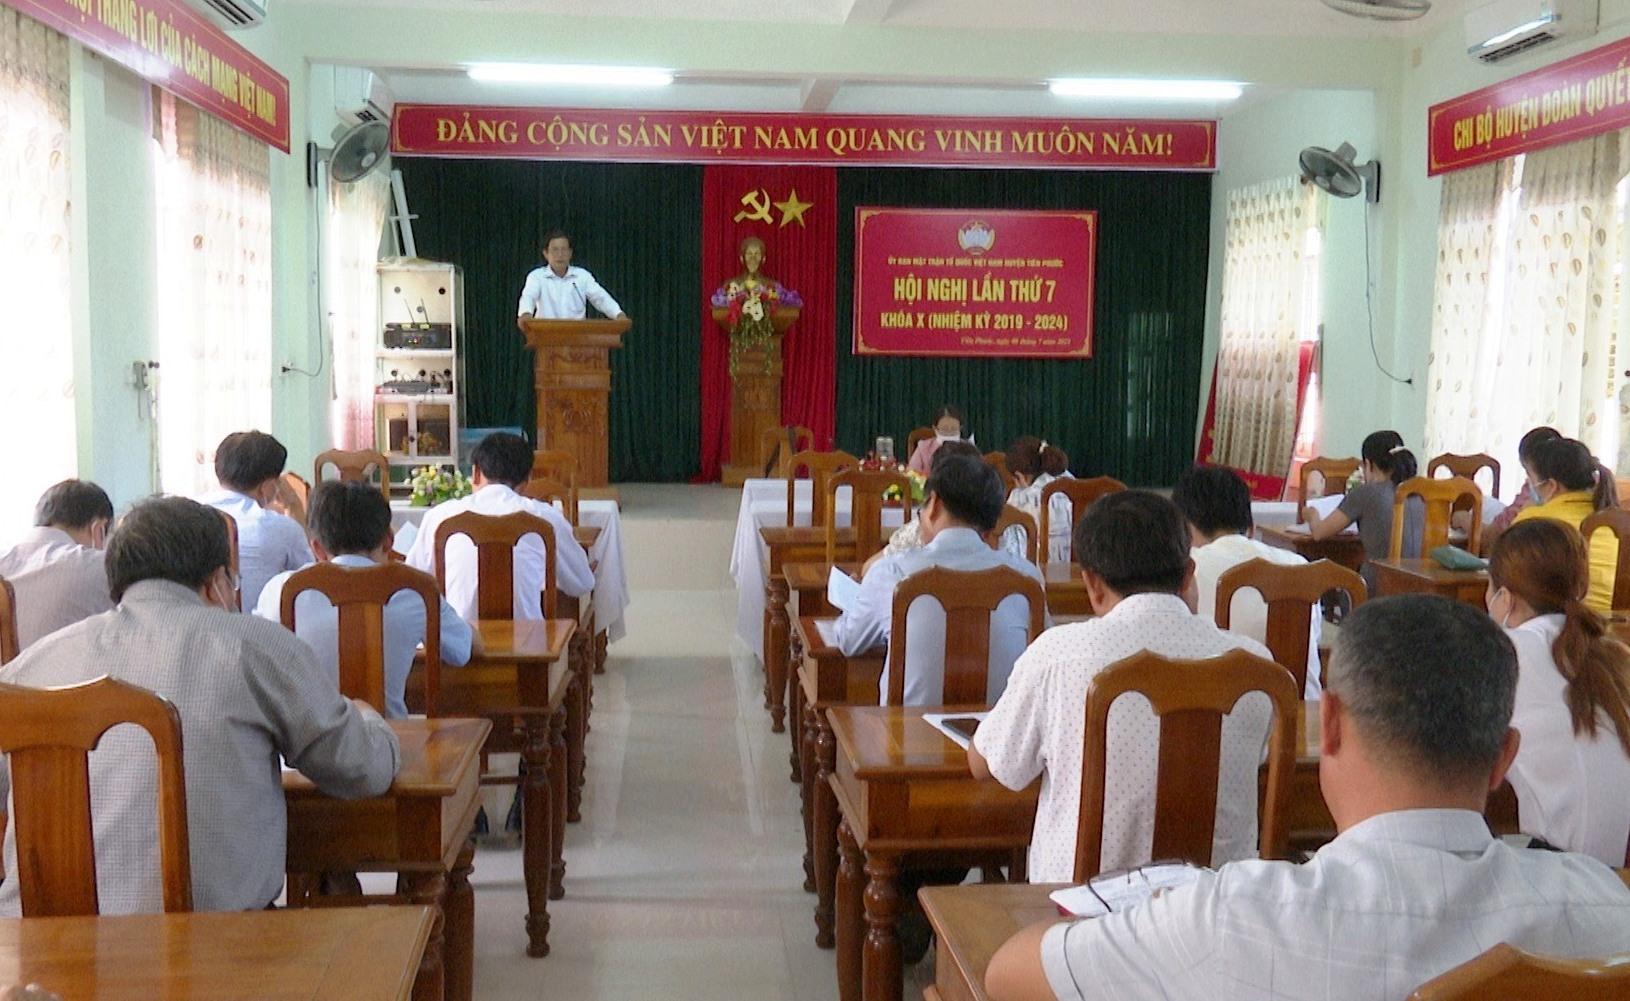 Mặt trận huyện Tiên Phước sơ kết công tác mặt trận 6 tháng đầu năm 2021